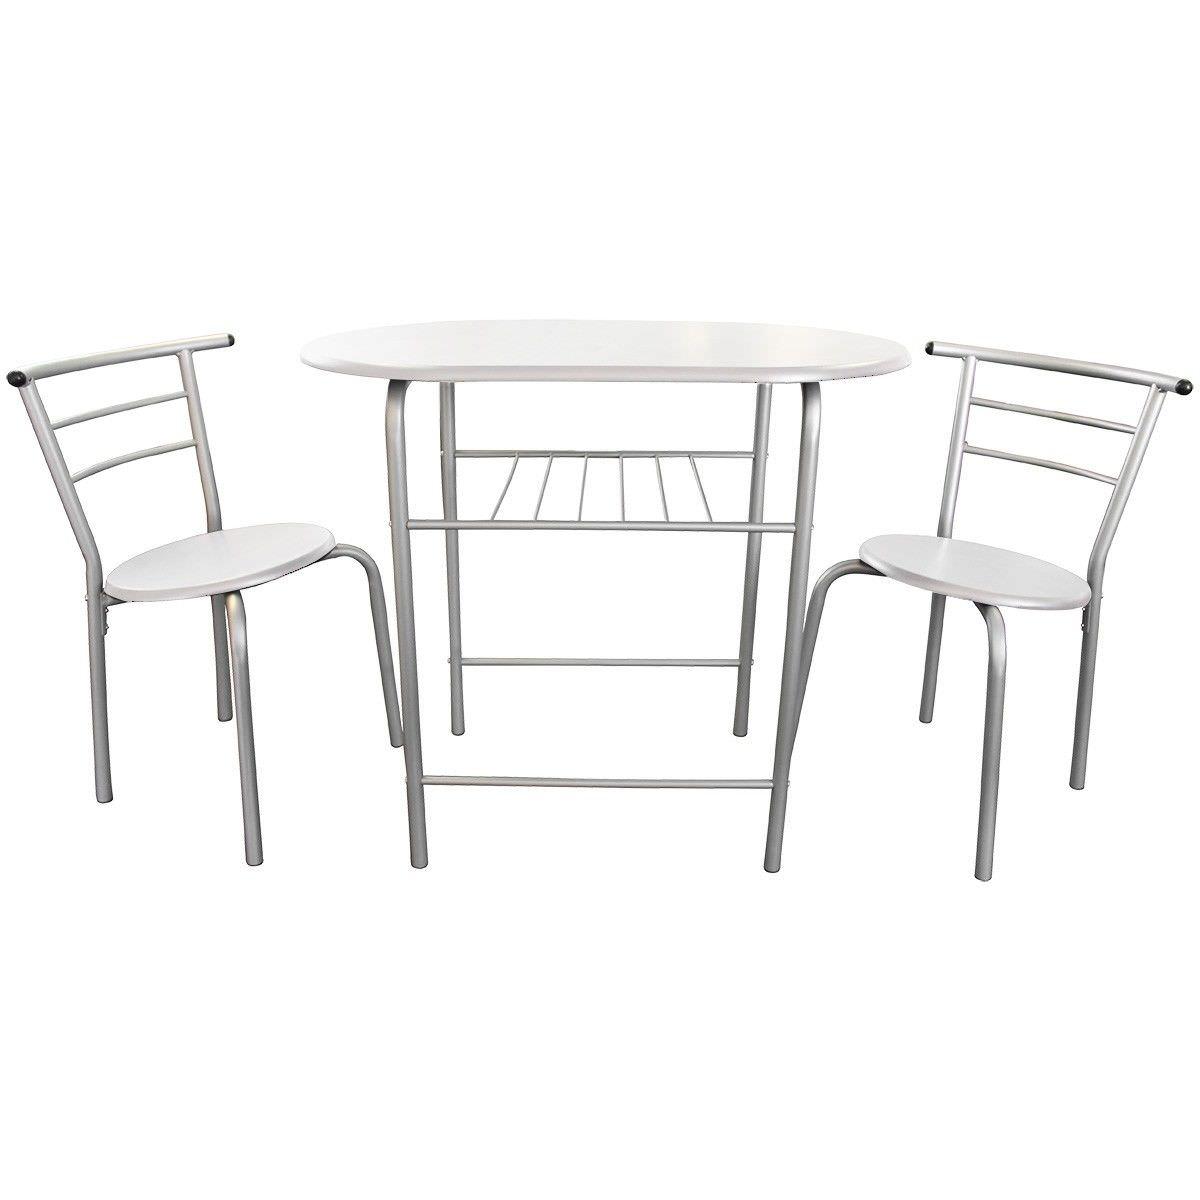 Lofty 3 Piece Breakfast Table Set, White / Silver